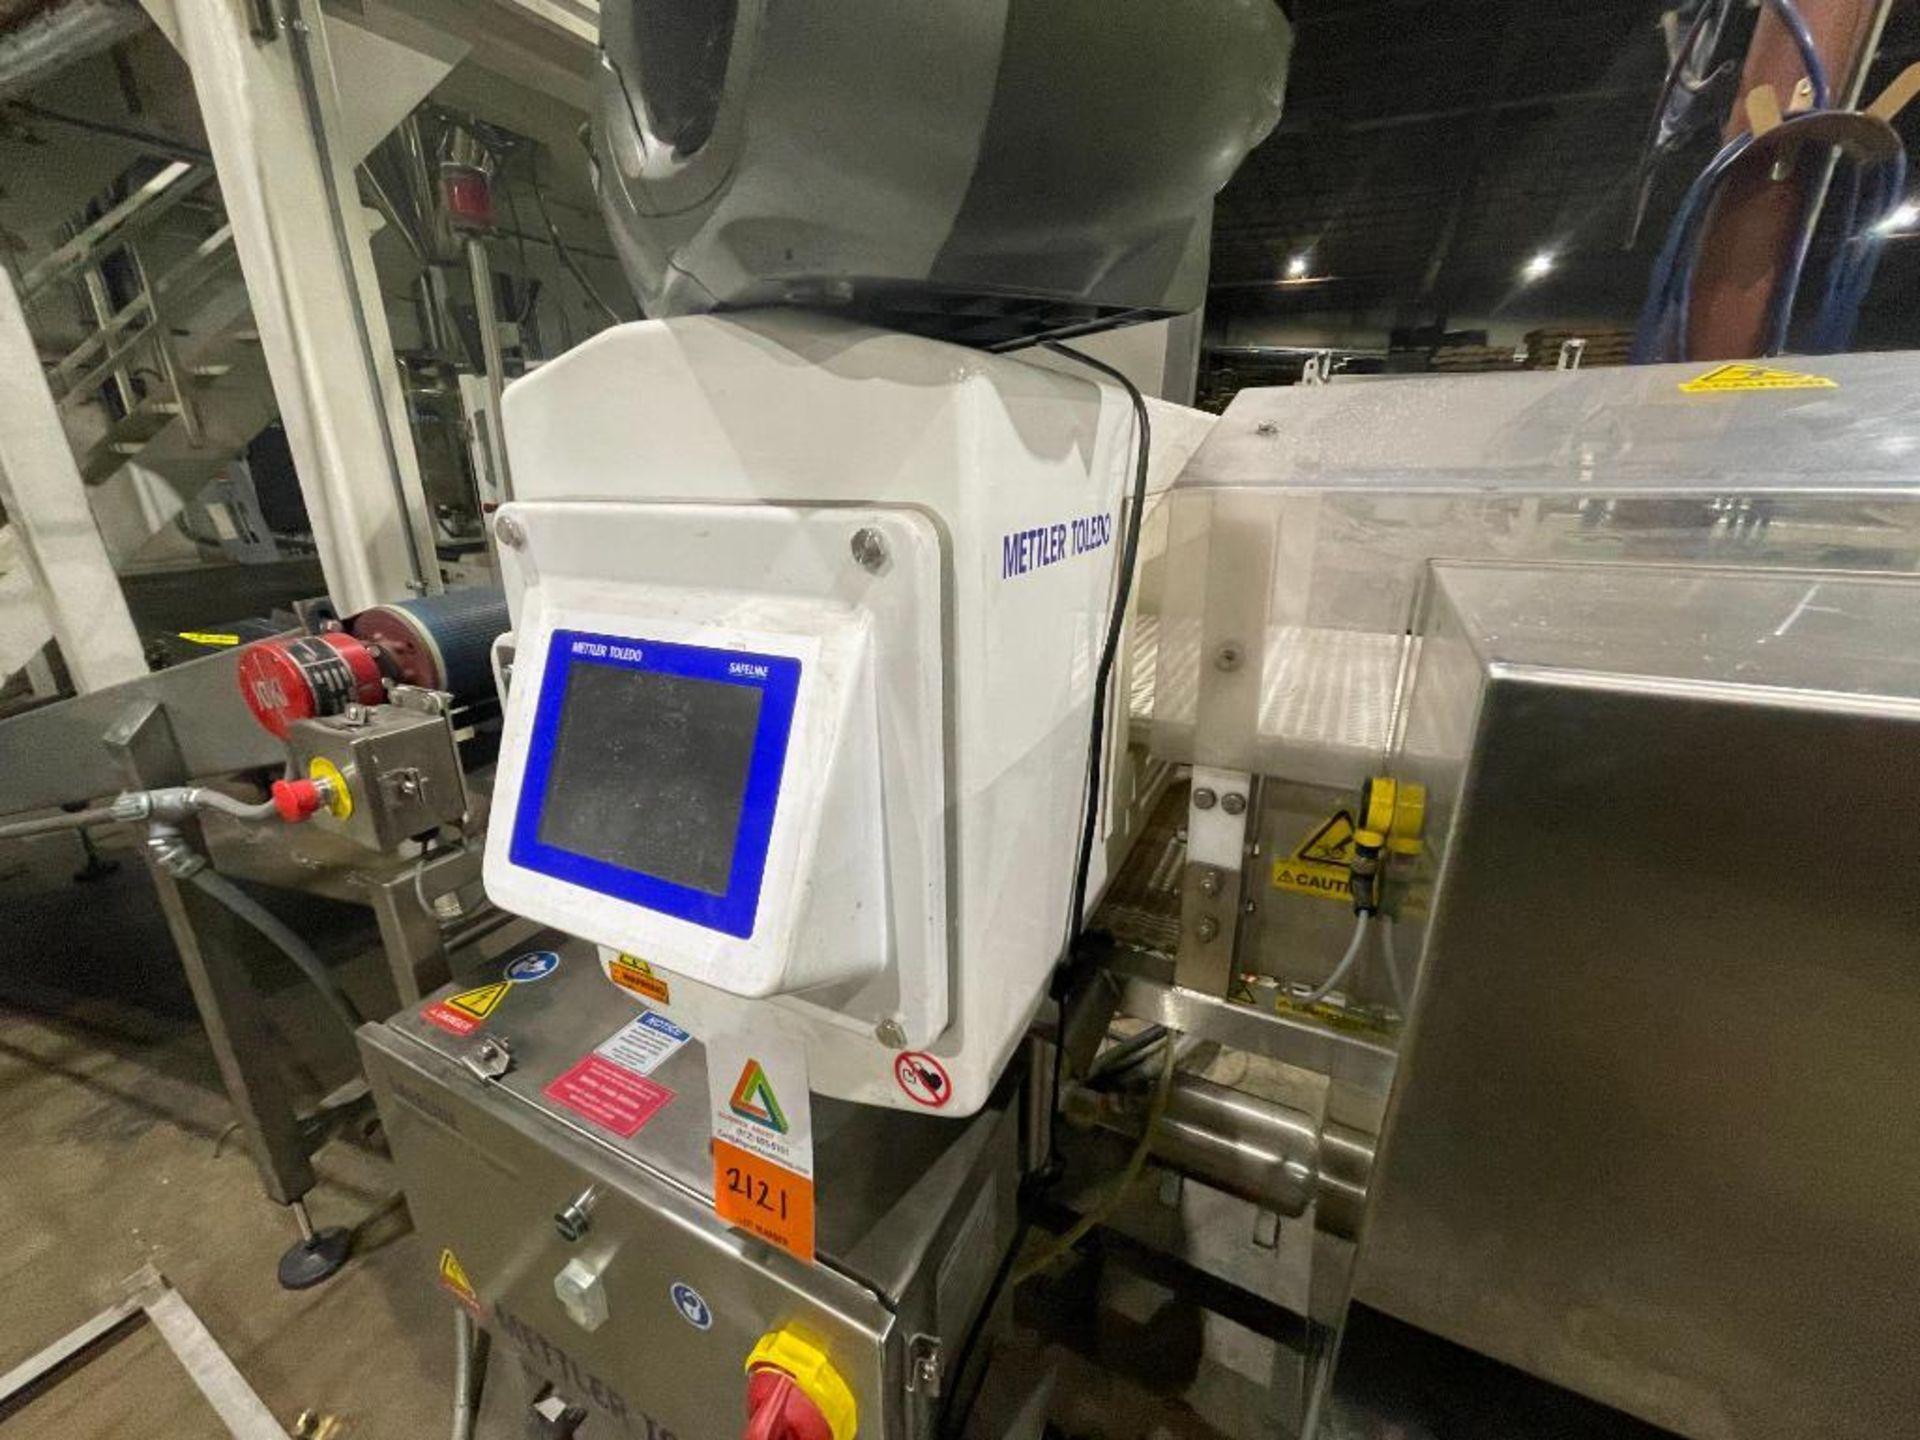 2016 Mettler Toledo metal detector, model SL1500 - Image 6 of 16